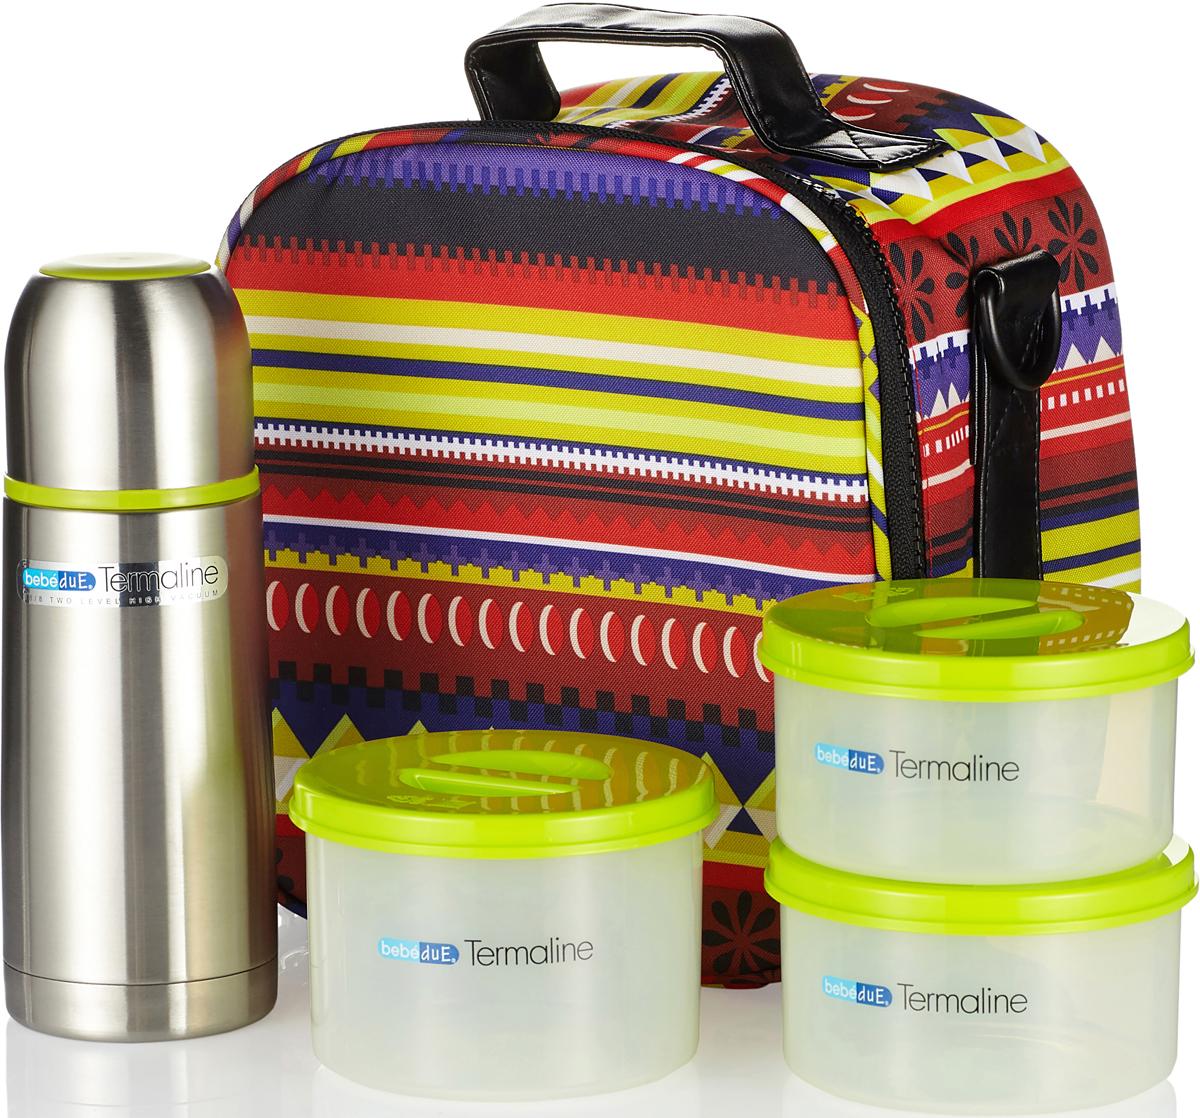 Bebe Due Термосумка цветная с набором контейнеров и термосом